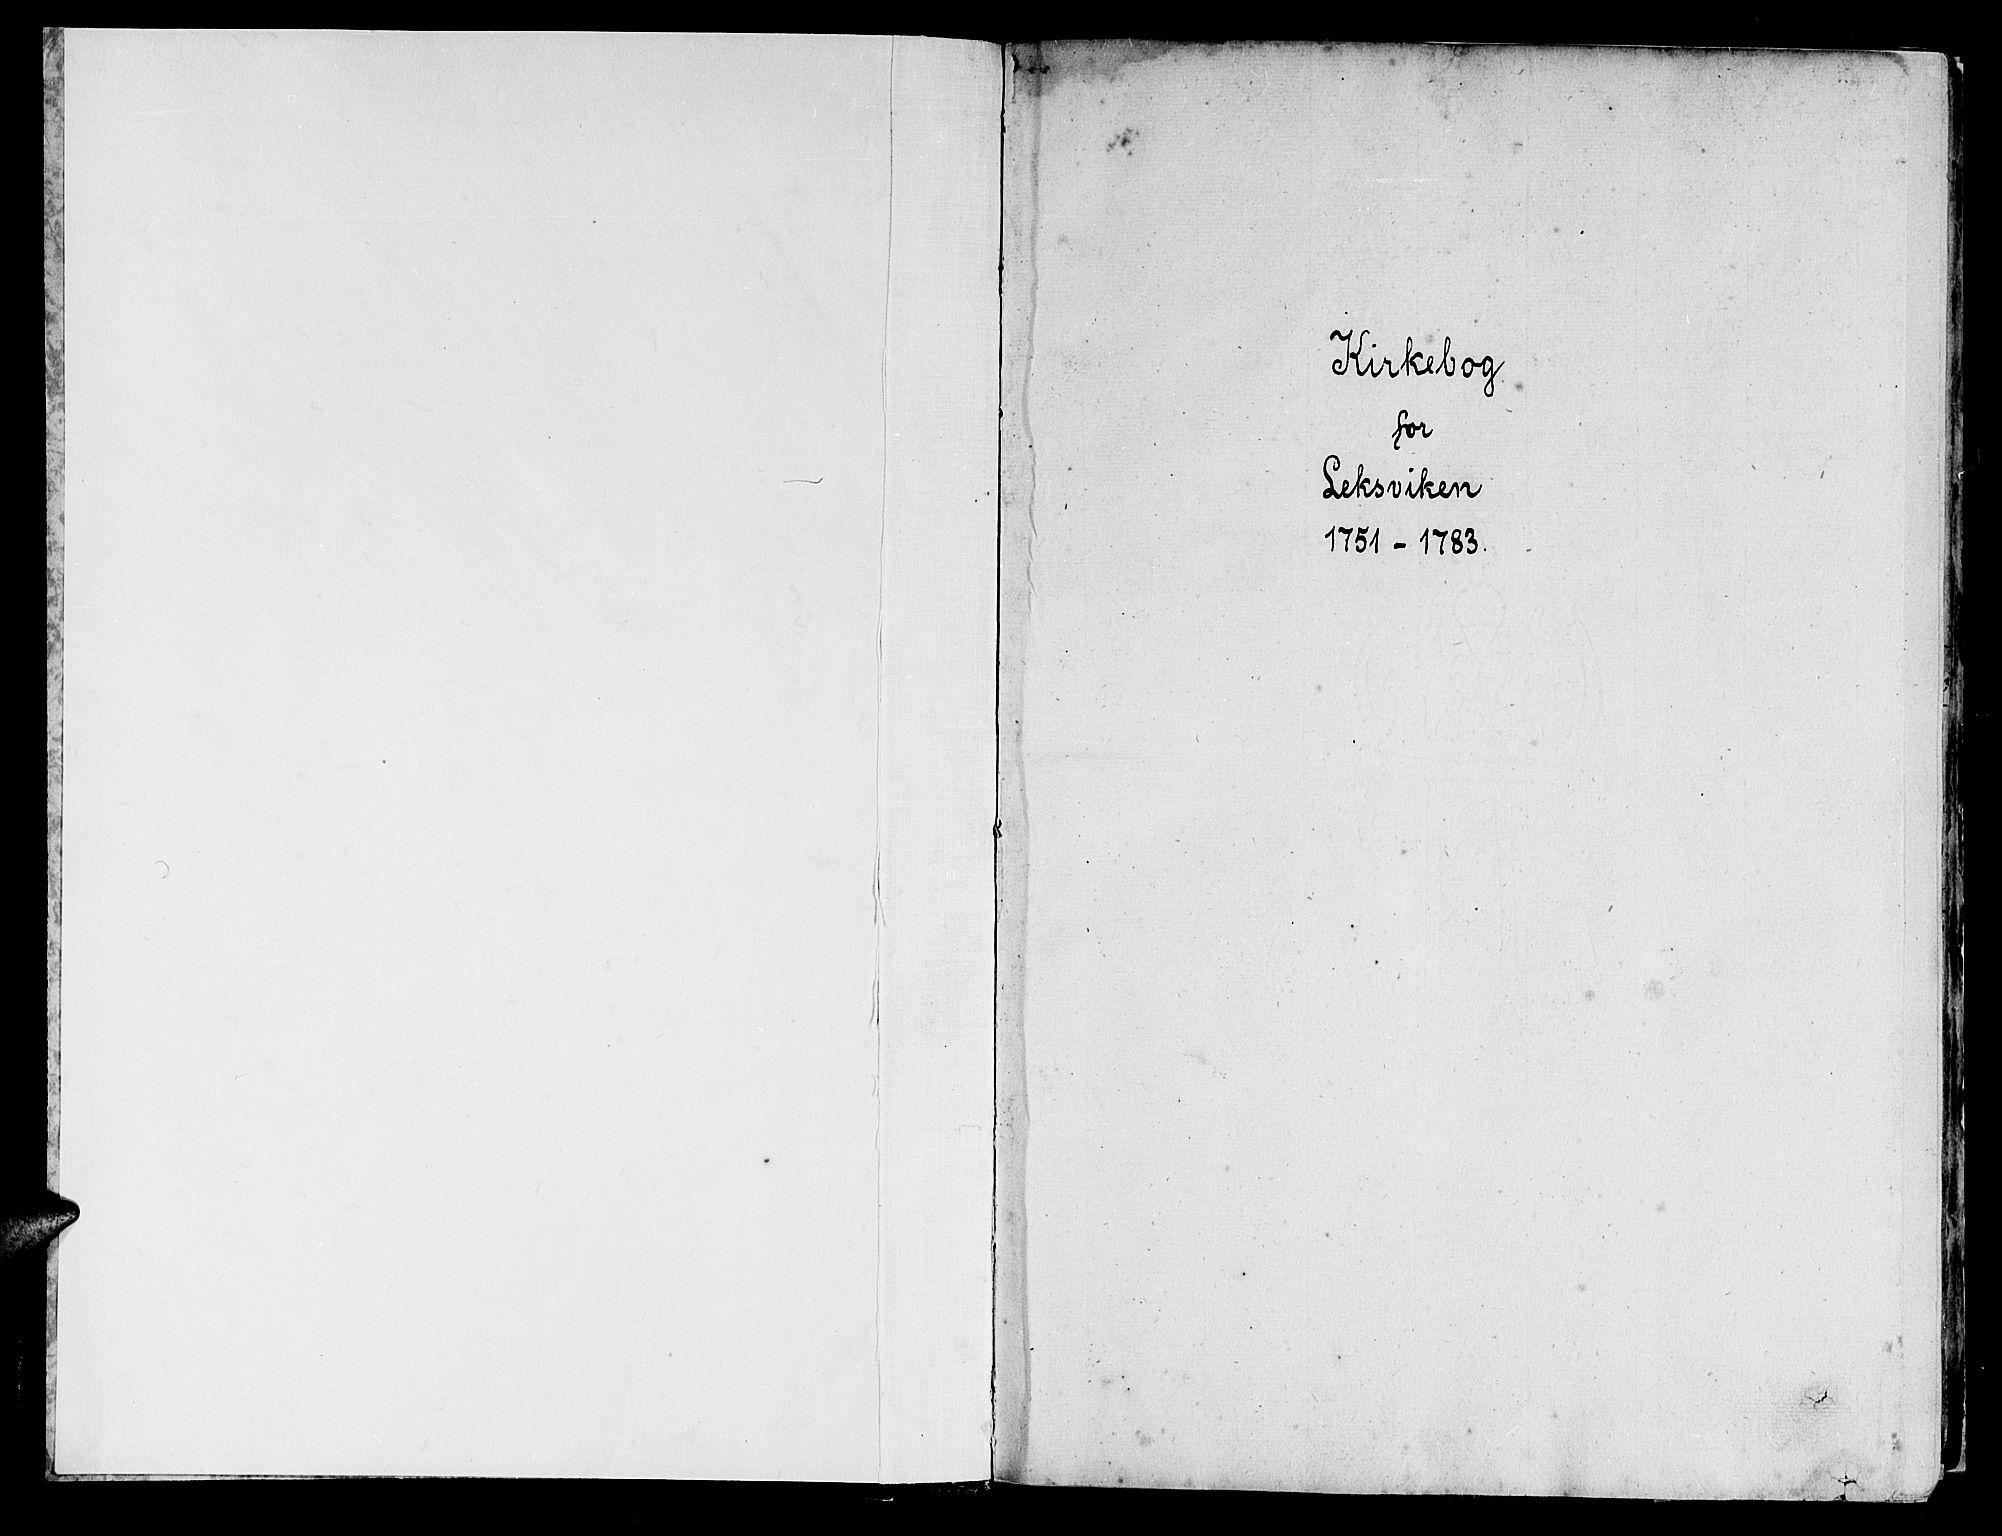 SAT, Ministerialprotokoller, klokkerbøker og fødselsregistre - Nord-Trøndelag, 701/L0003: Parish register (official) no. 701A03, 1751-1783